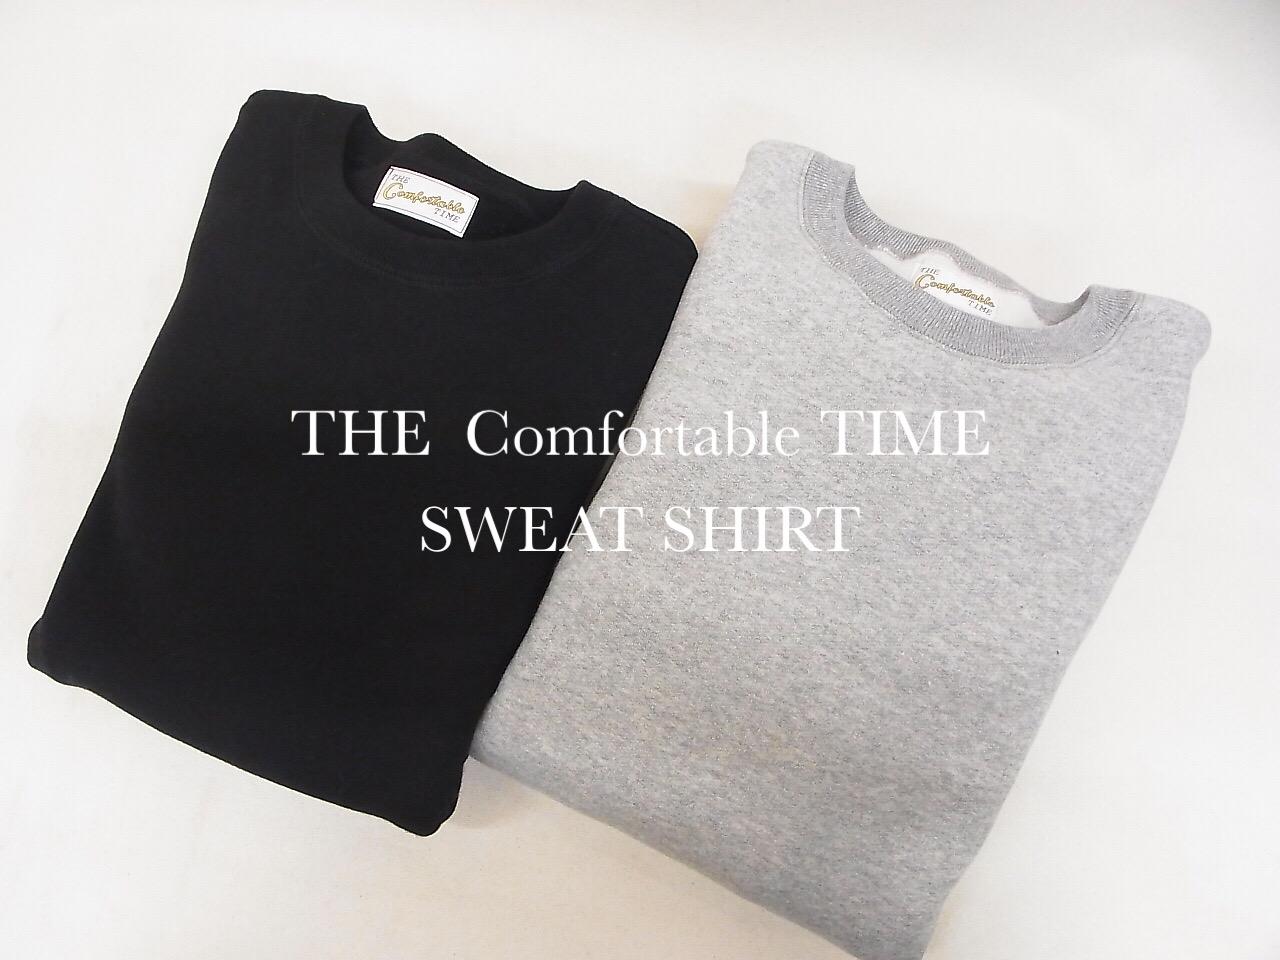 thecomfortabletime-sweatshirt-20211009-1